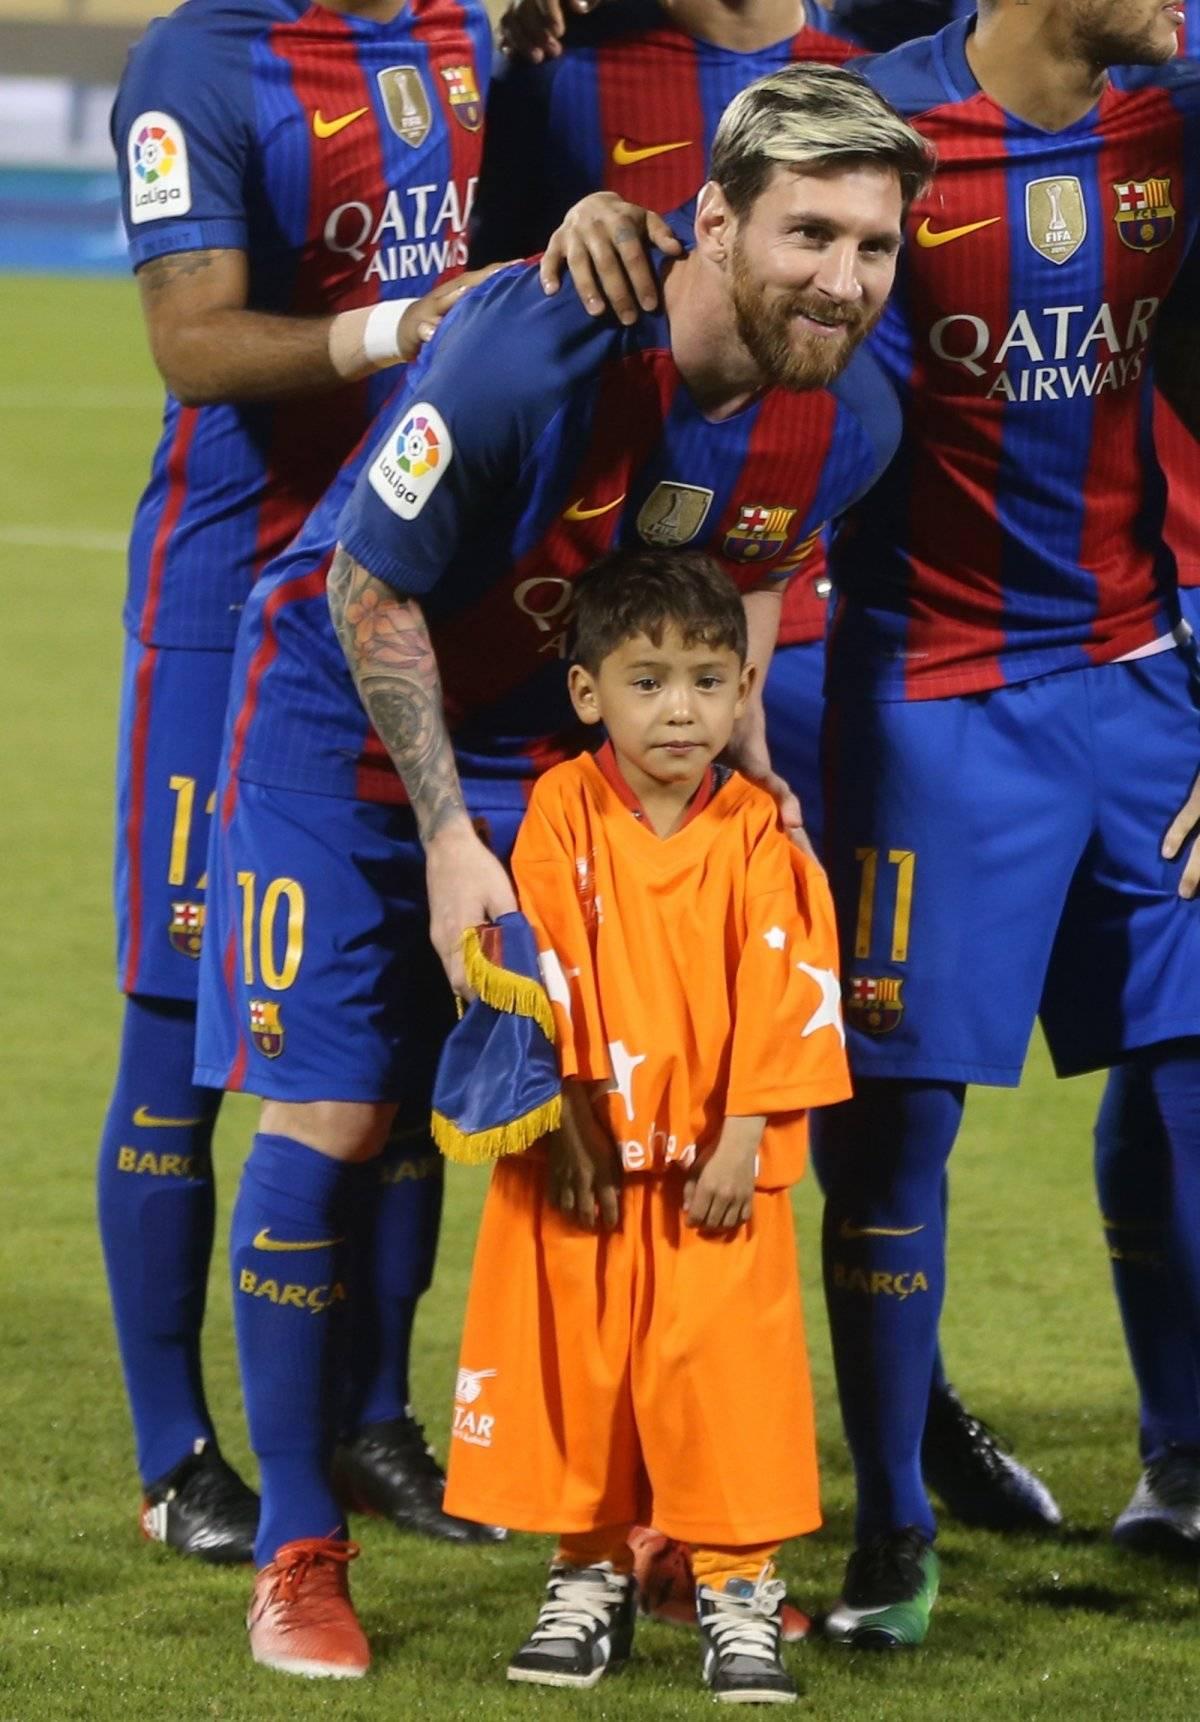 Murtanza no olvida la promesa que le hizo Messi |TWITTER